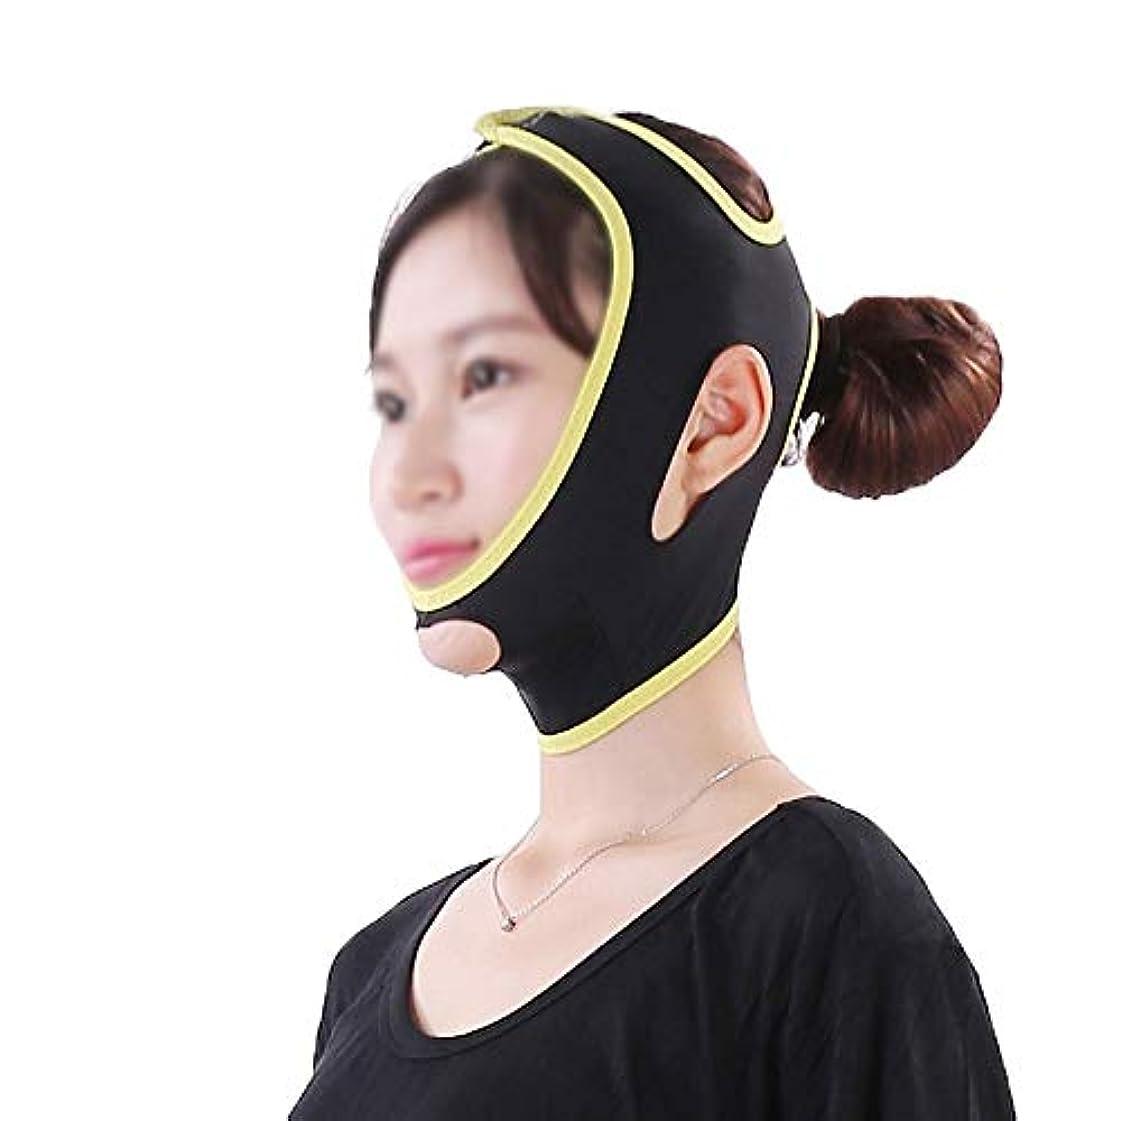 噴水巻き戻すいっぱいXHLMRMJ フェイス&ネックリフト、フェイスリフトマスク強力なフェイスマスクフェイスリフトアーチファクトフェイスリフティングフェイスリフティングツールフェイスリフティング包帯薄いフェイスマスク美容マスク (Size...